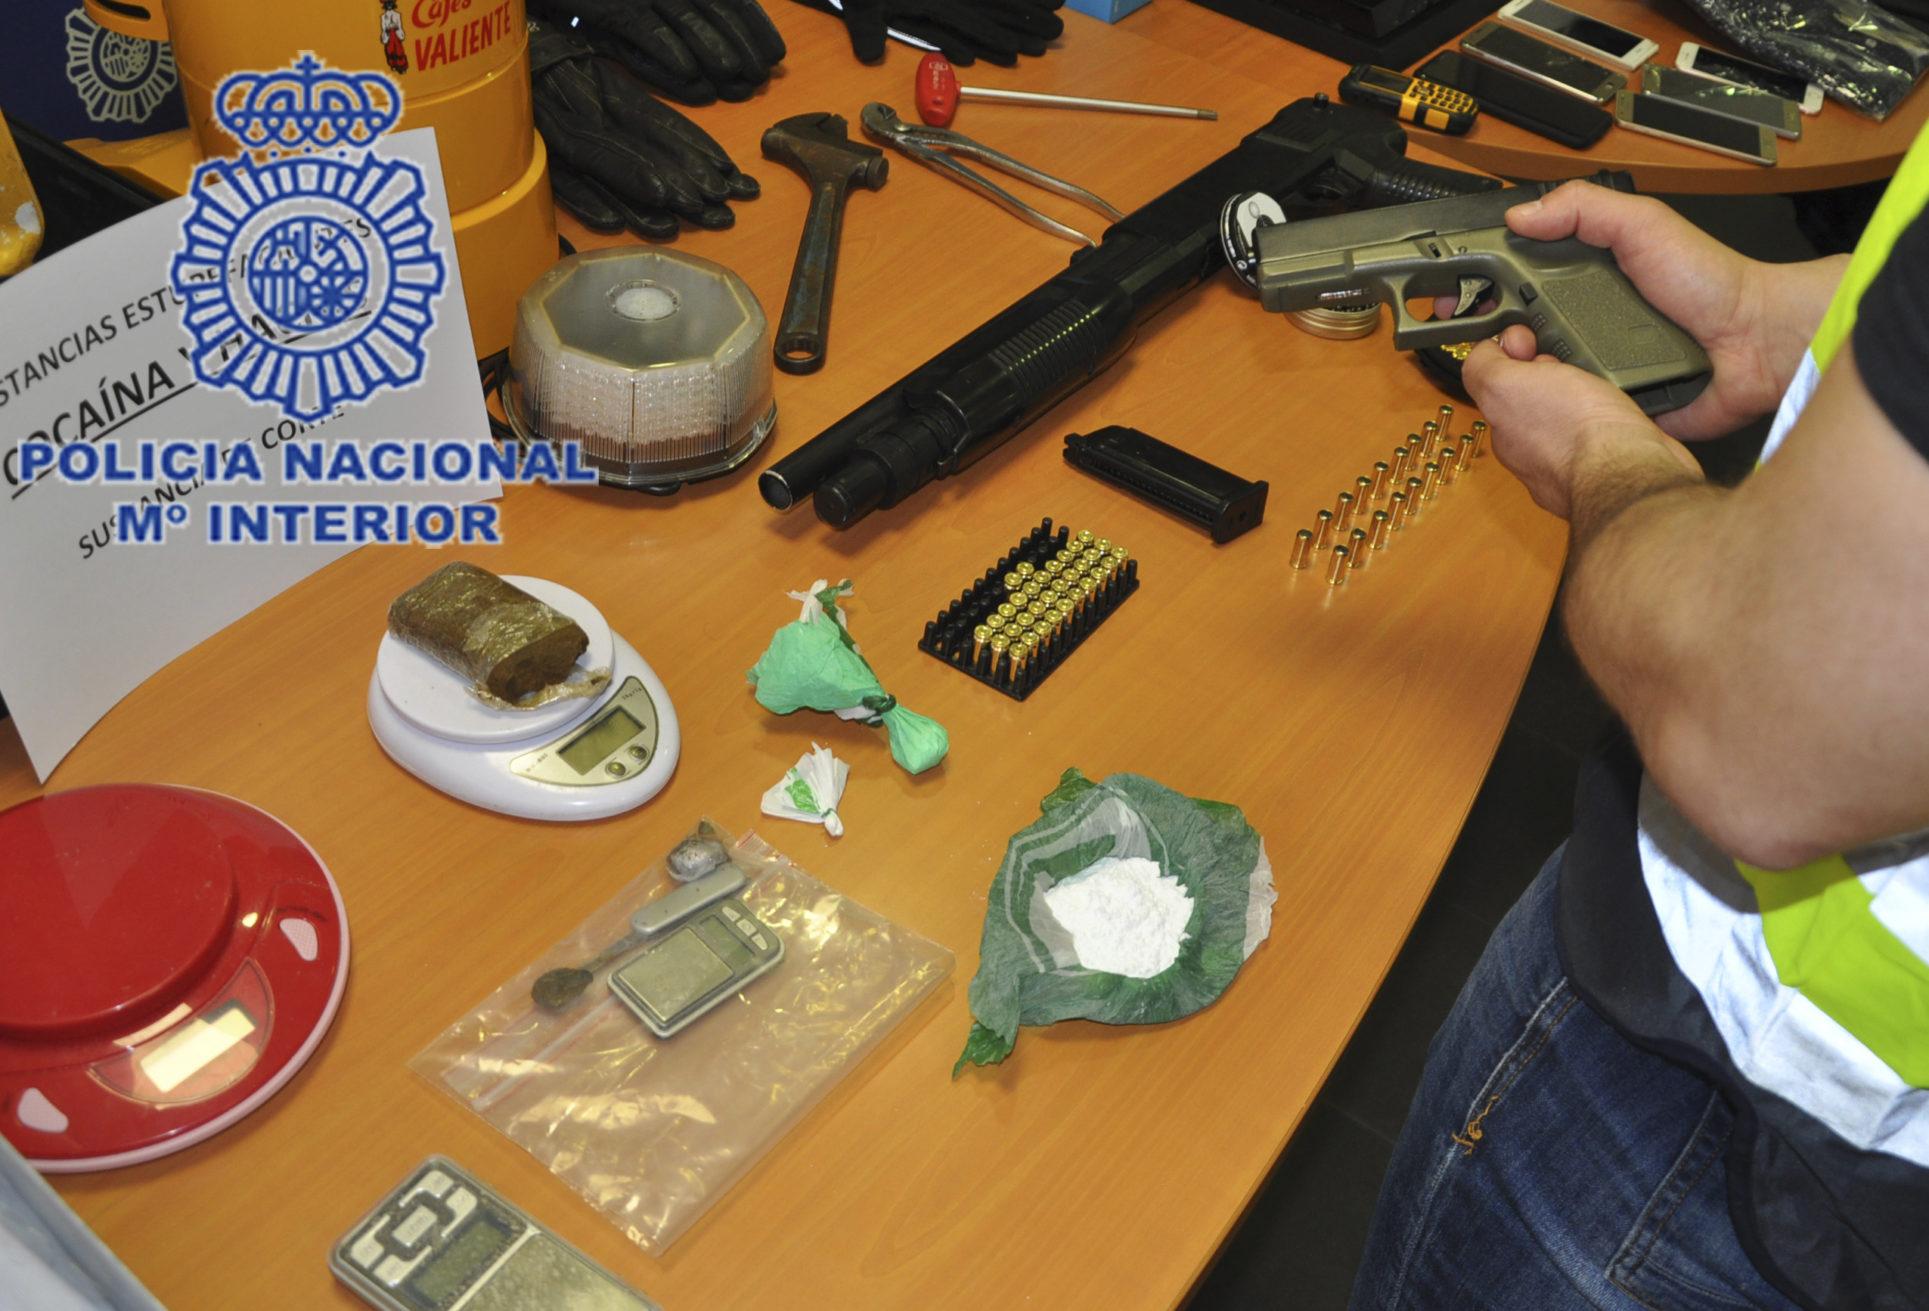 Desarticulat un grup criminal que robava a comerços d'Ontinyent i Alacant El Periòdic d'Ontinyent